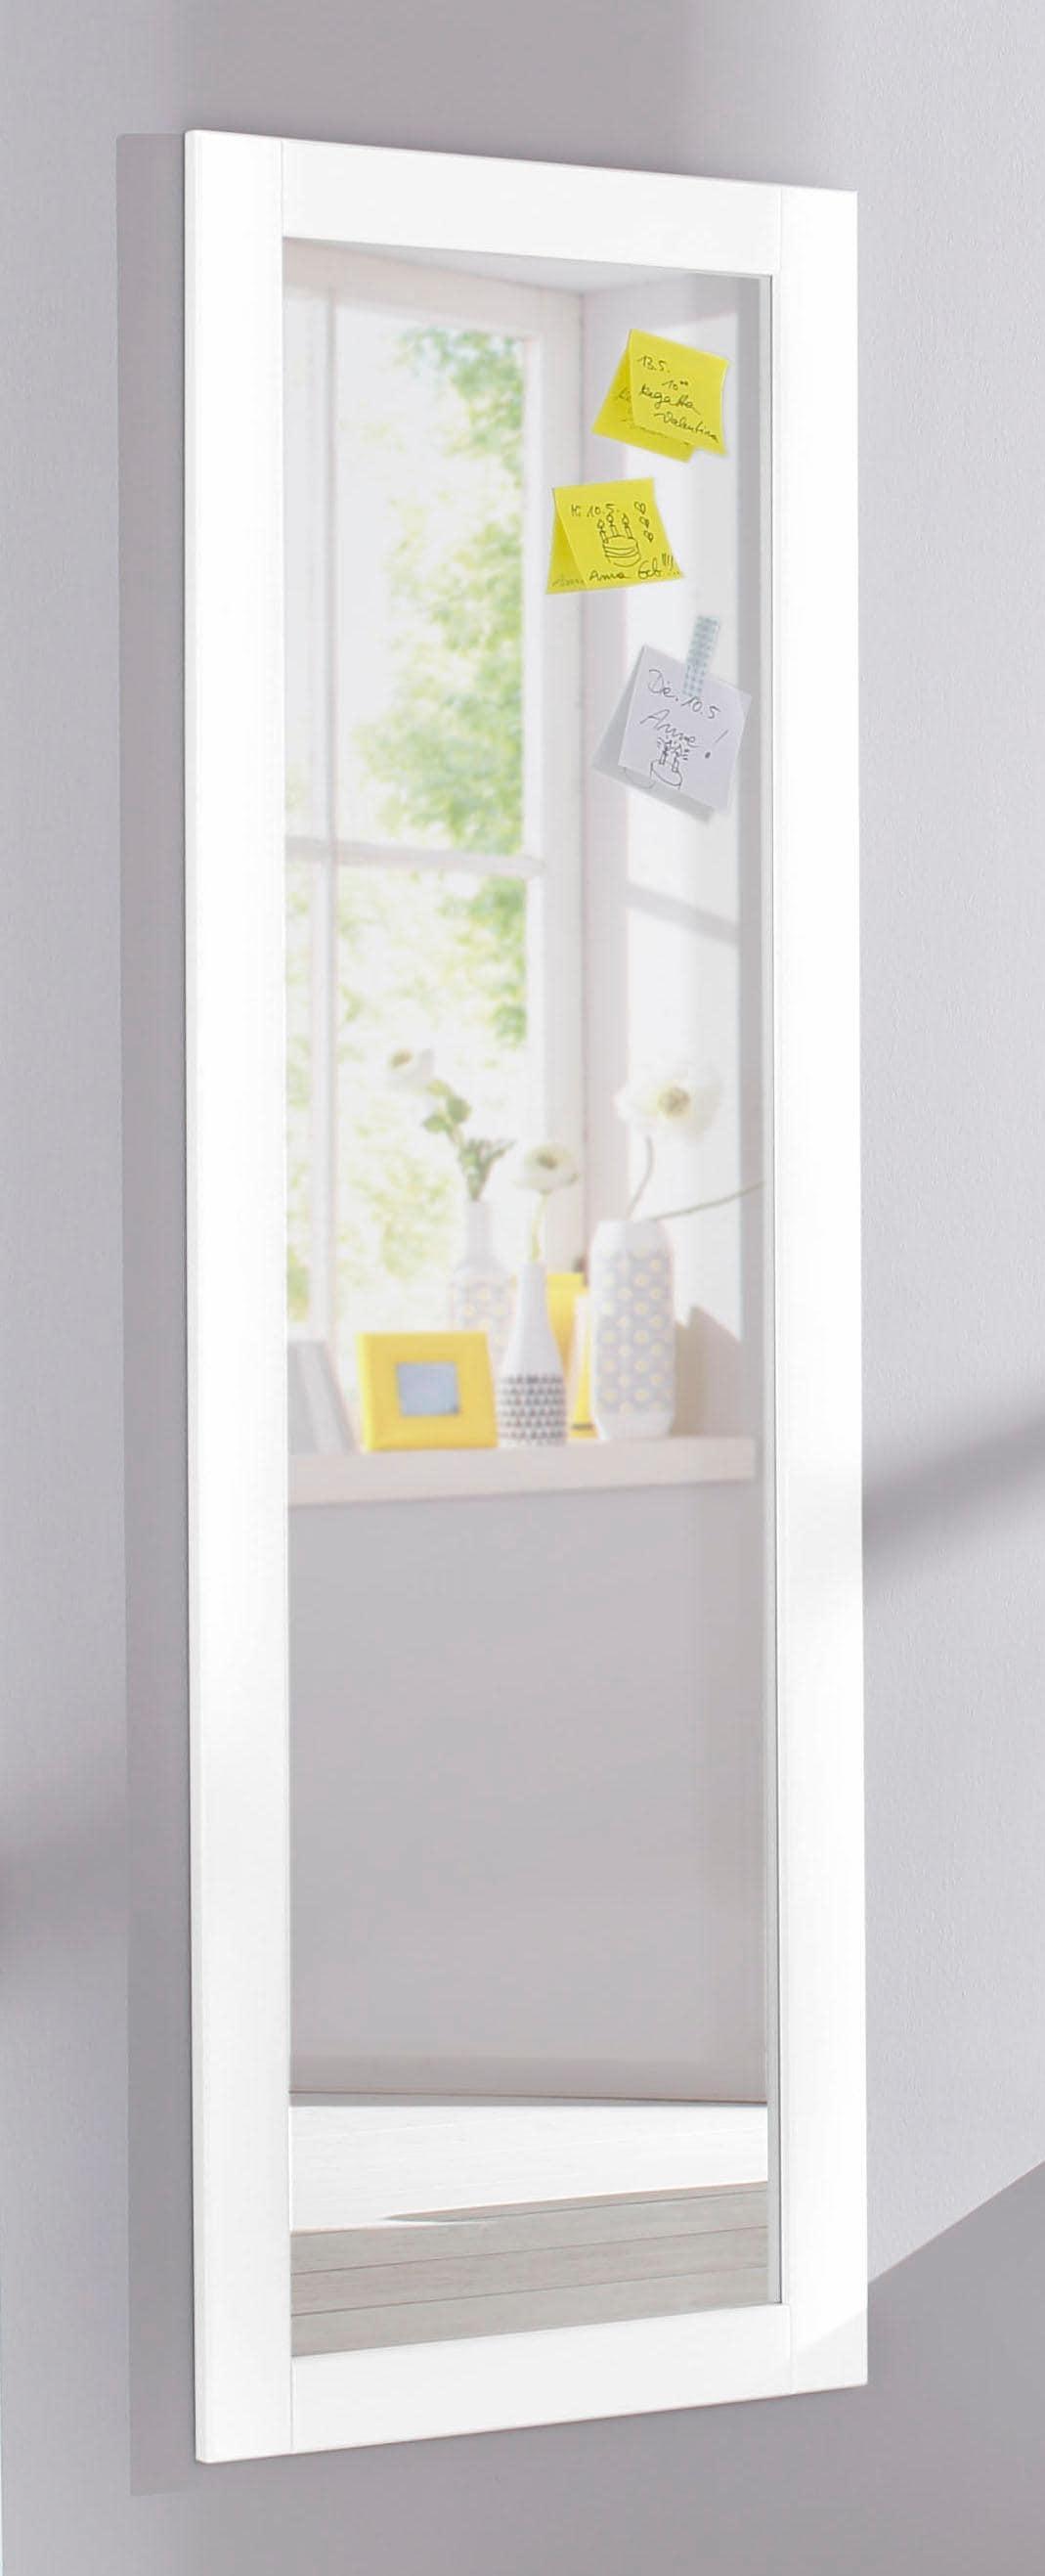 Spiegelschrank 50 Cm Weiß Preisvergleich • Die besten Angebote ...